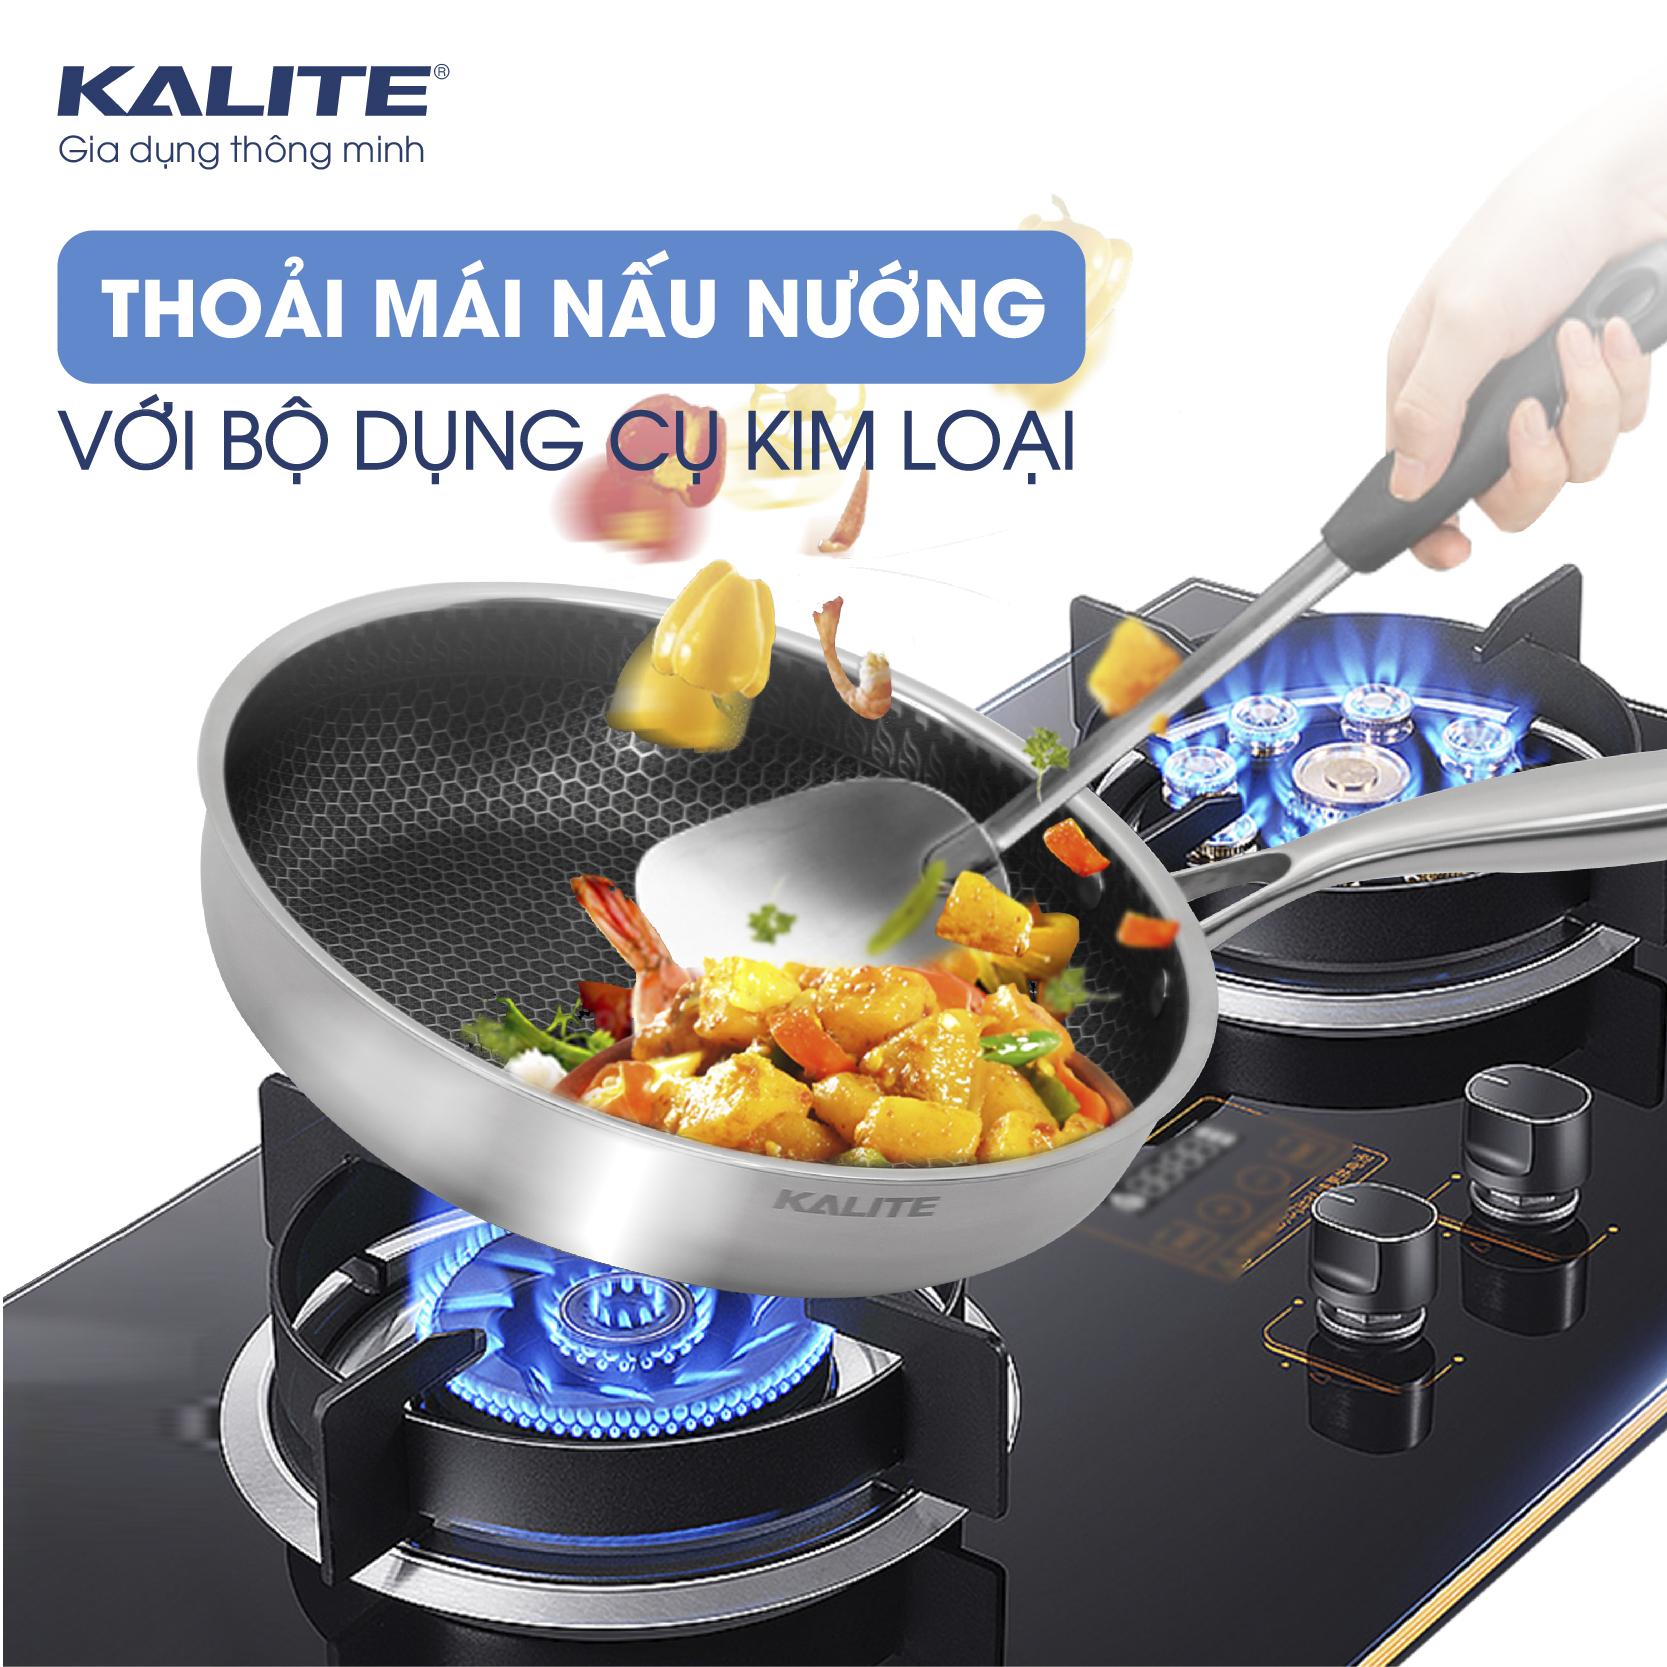 chao-kalite-kl-326-thoai-mai-nau-nuong-voi-bo-dung-cu-kim-loai